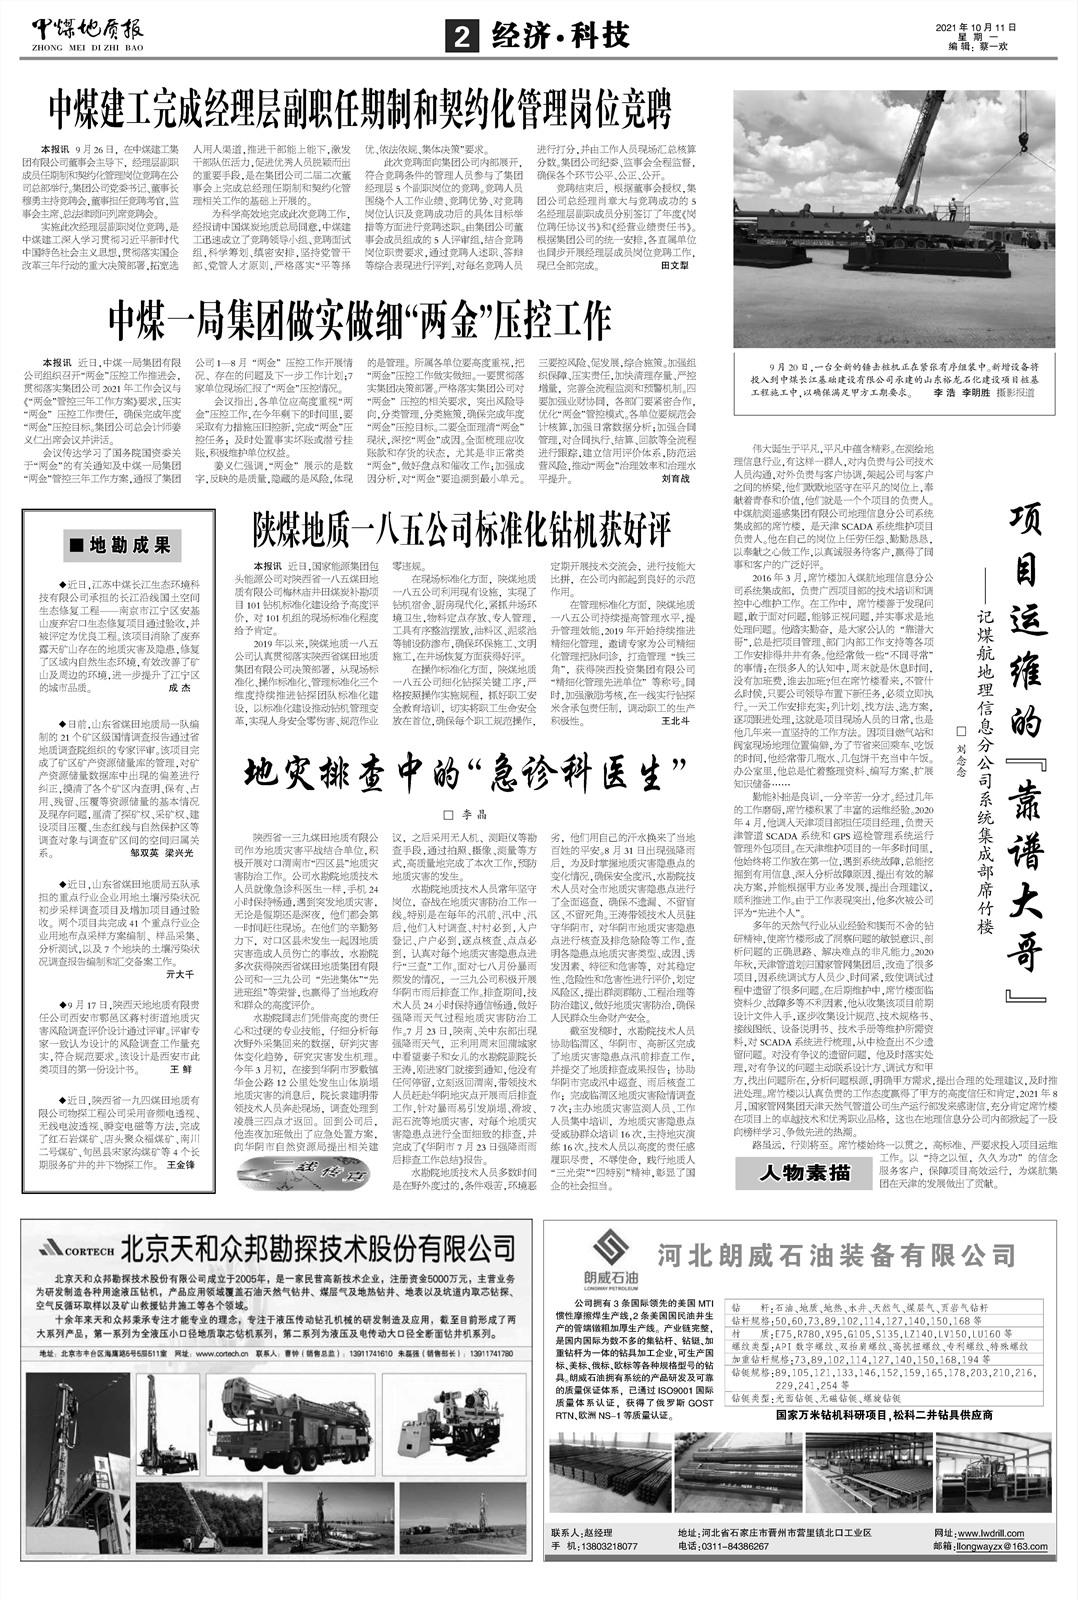 中煤地质报经济·科技